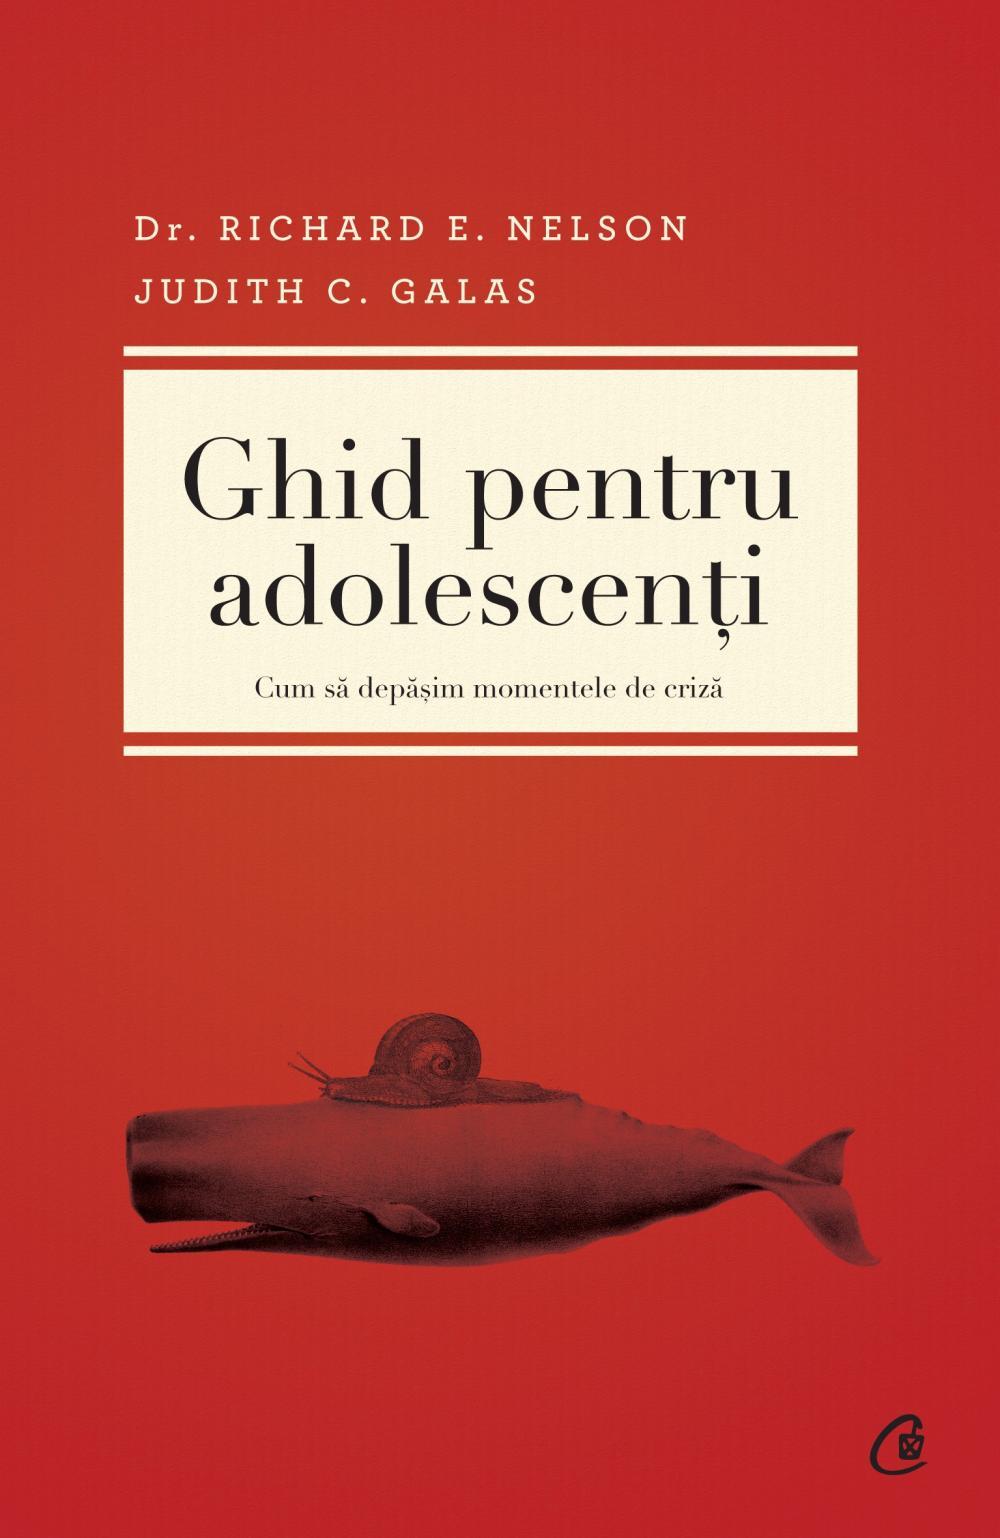 Ghid pentru adolescenti. Cum sa depasim momentele de criza - Richard E. Nelson, Judith C. Galas